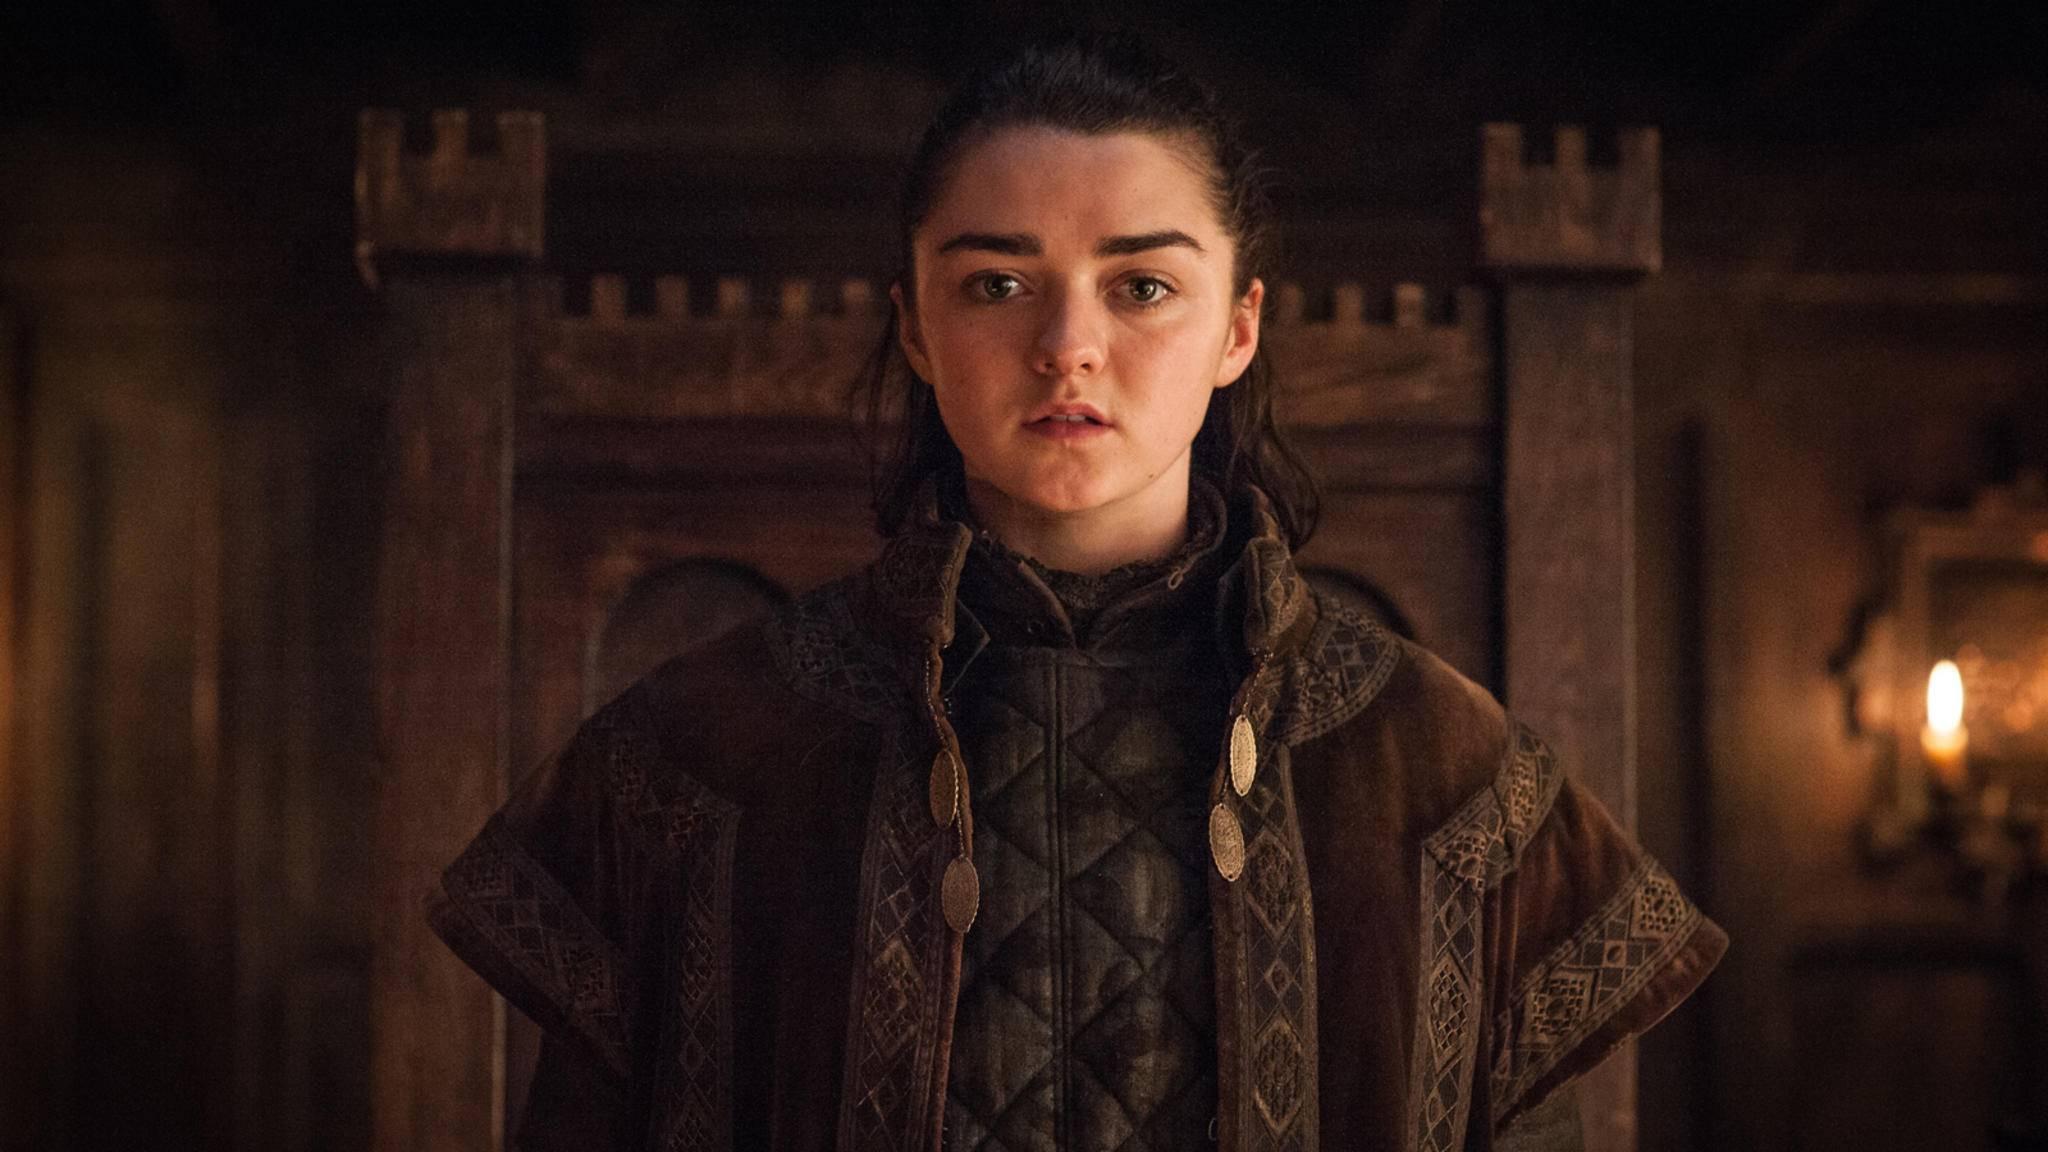 Voraussichtlich sechsmal können wir Maisie Williams noch als Arya Stark sehen, dann ist Schluss!